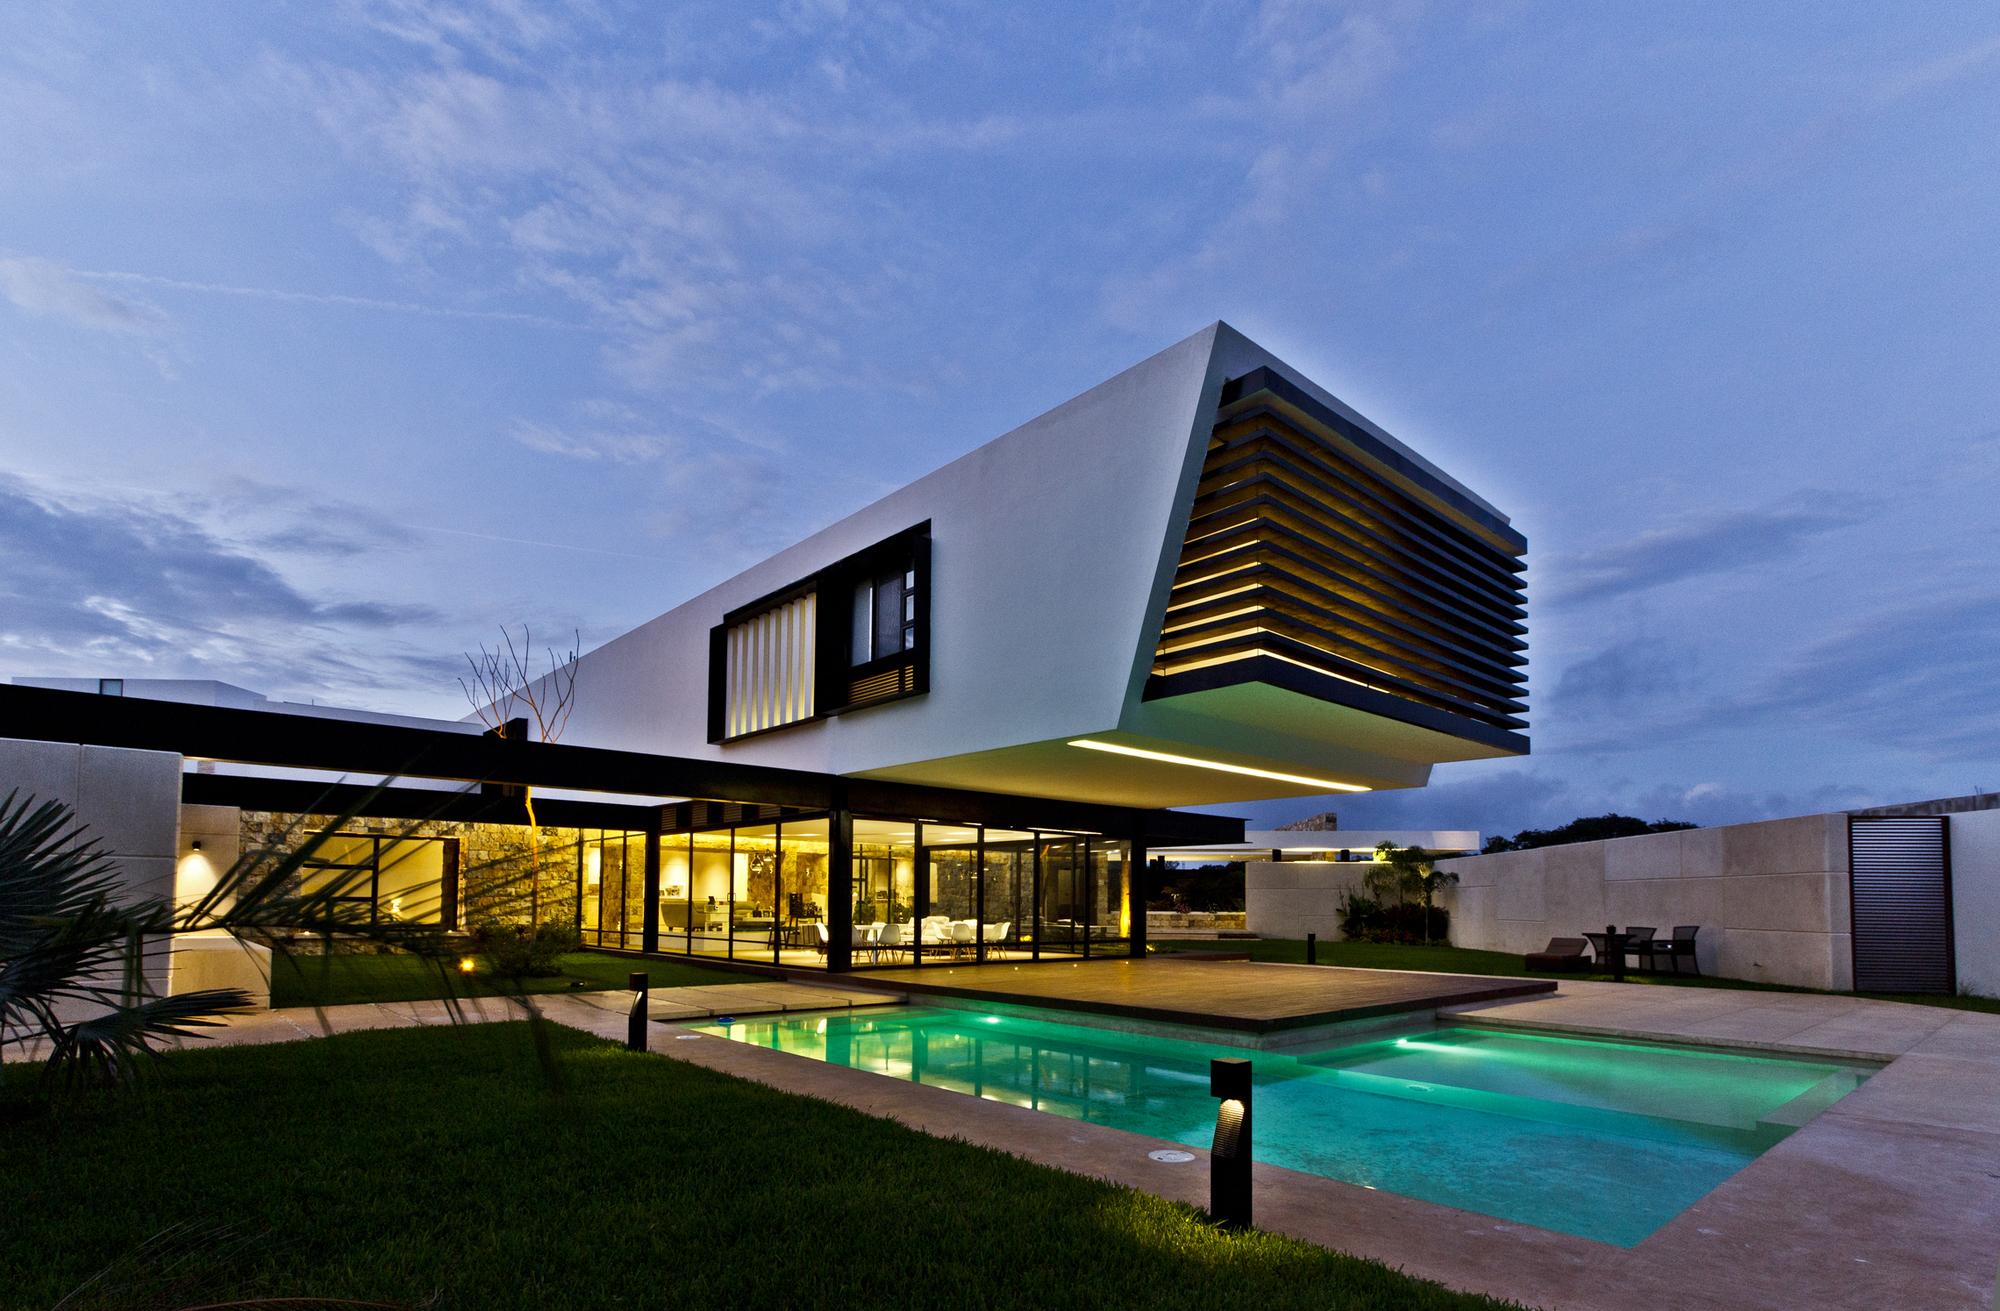 5305f3efe8e44e12c0000001_temozon-house-carrillo-arquitectos-y-asociados_temozon_foto_07